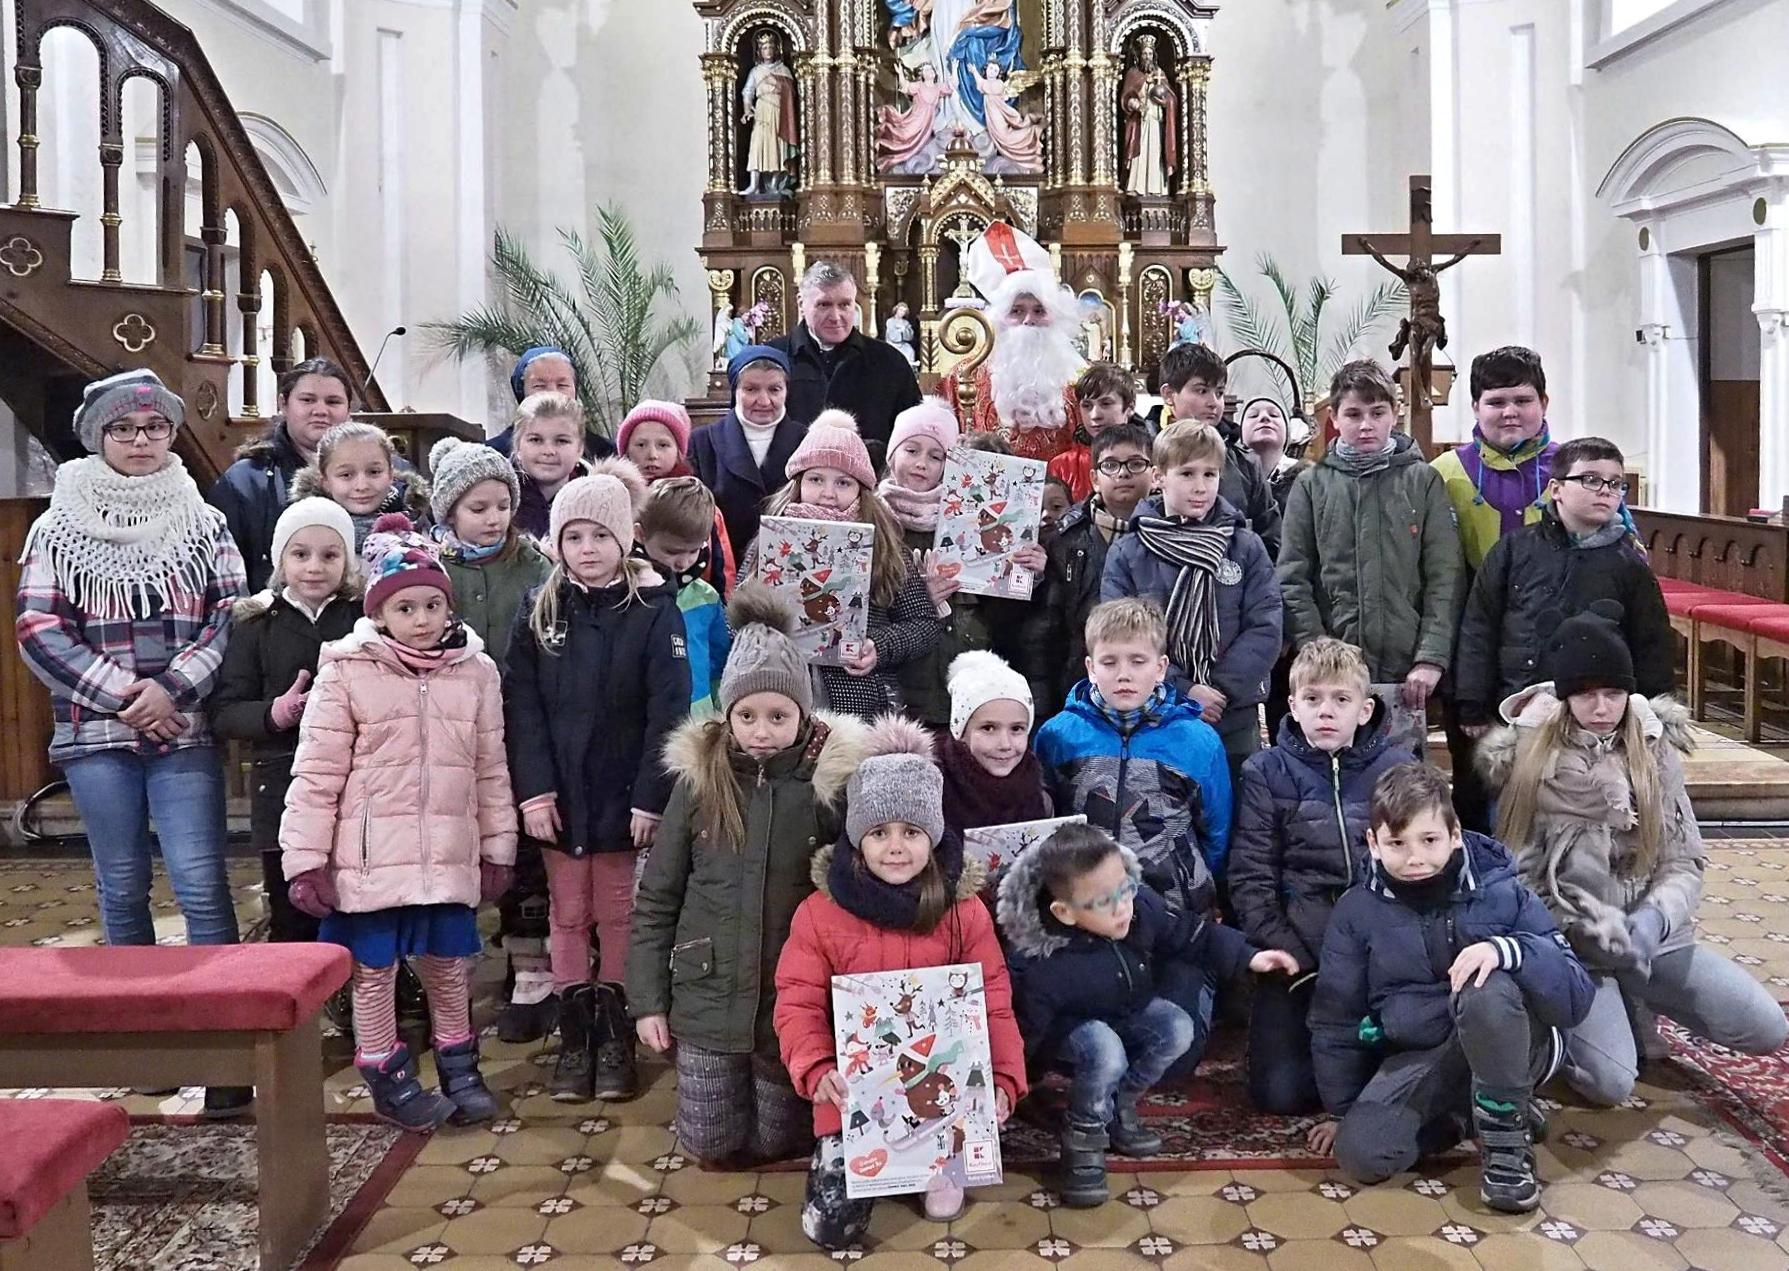 Svätý Mikuláš v kostole 6.12.2019